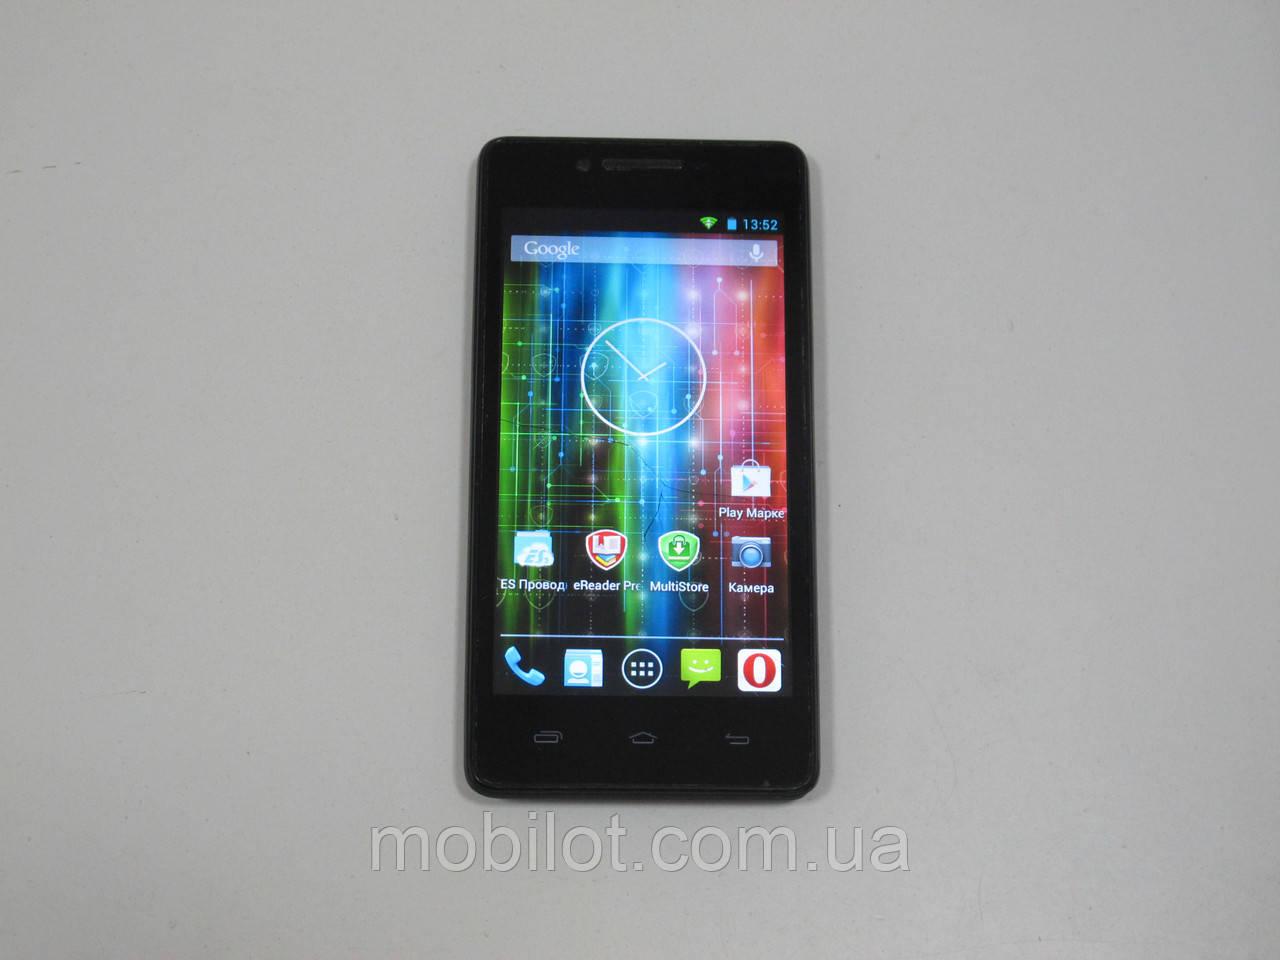 Мобильный телефон Prestigio 5450 (TZ-5374)